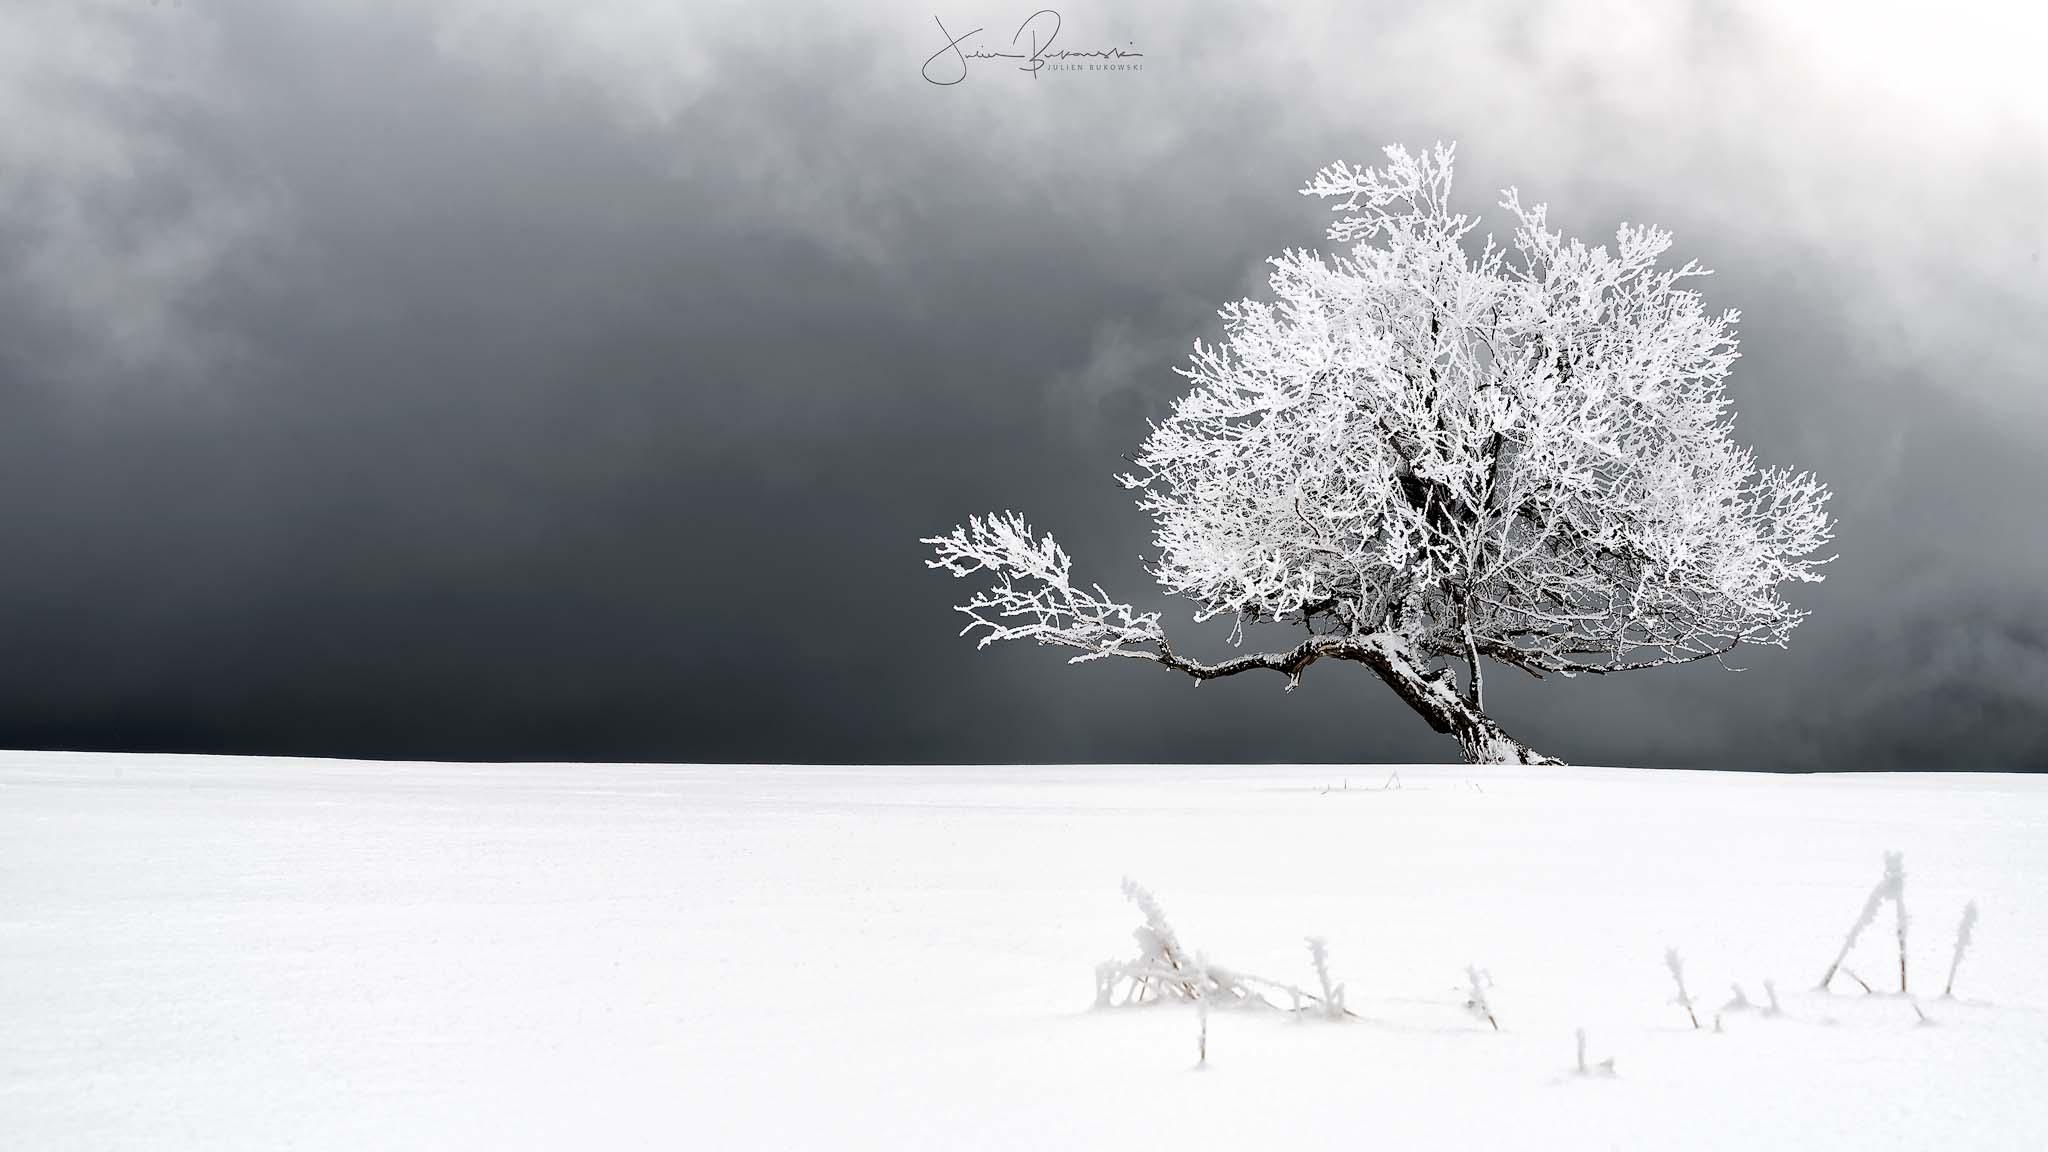 Blanc (Creux du Van - Suisse)